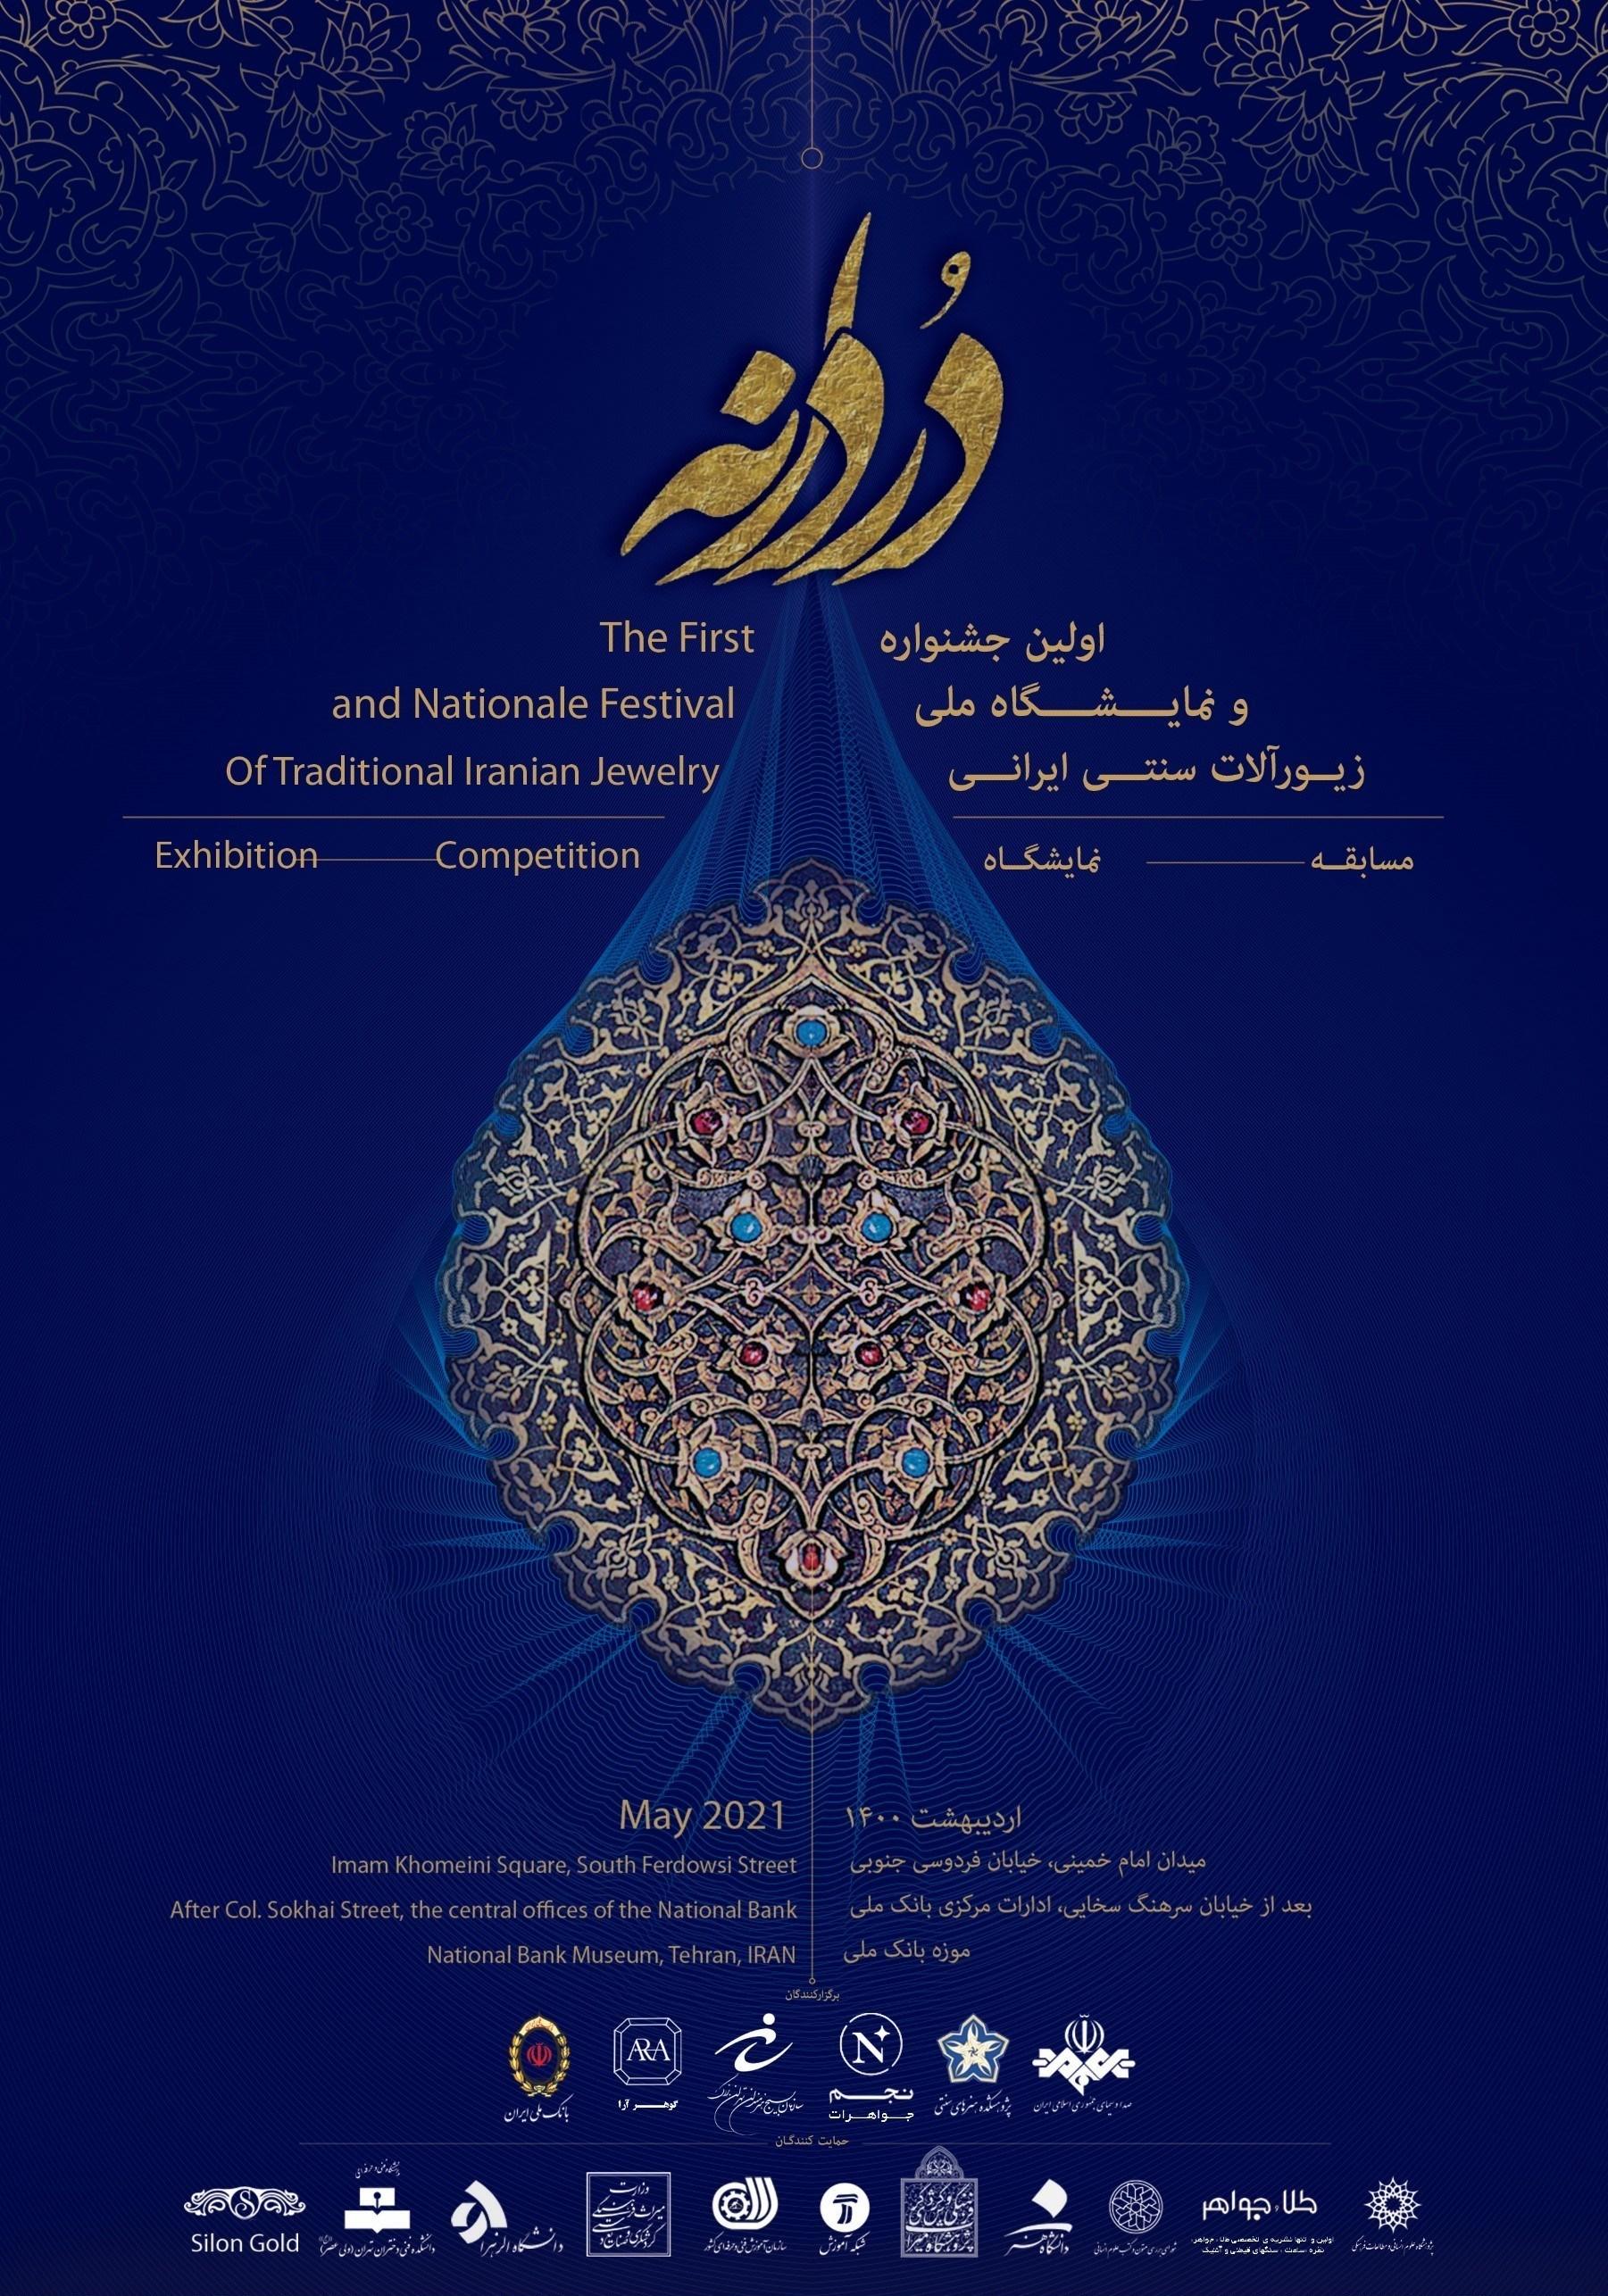 هنرهای تجسمی , فرهنگ و هنر , بسیج هنرمندان , جمهوری اسلامی ایران ,